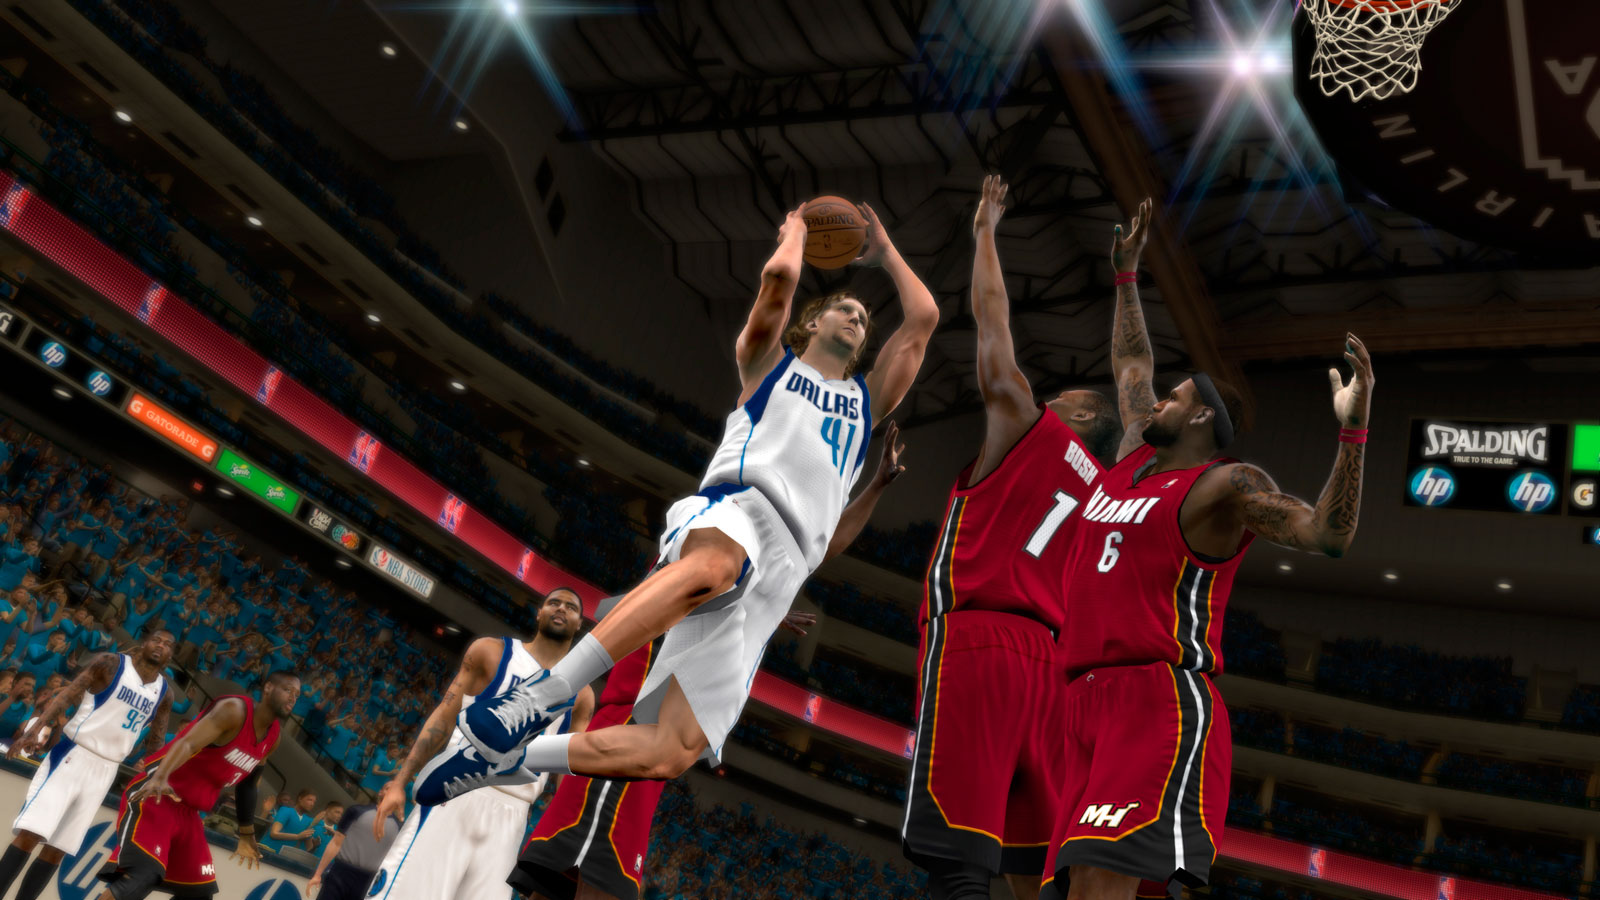 ¡Cómo machaca Nowitzki en NBA 2K12!